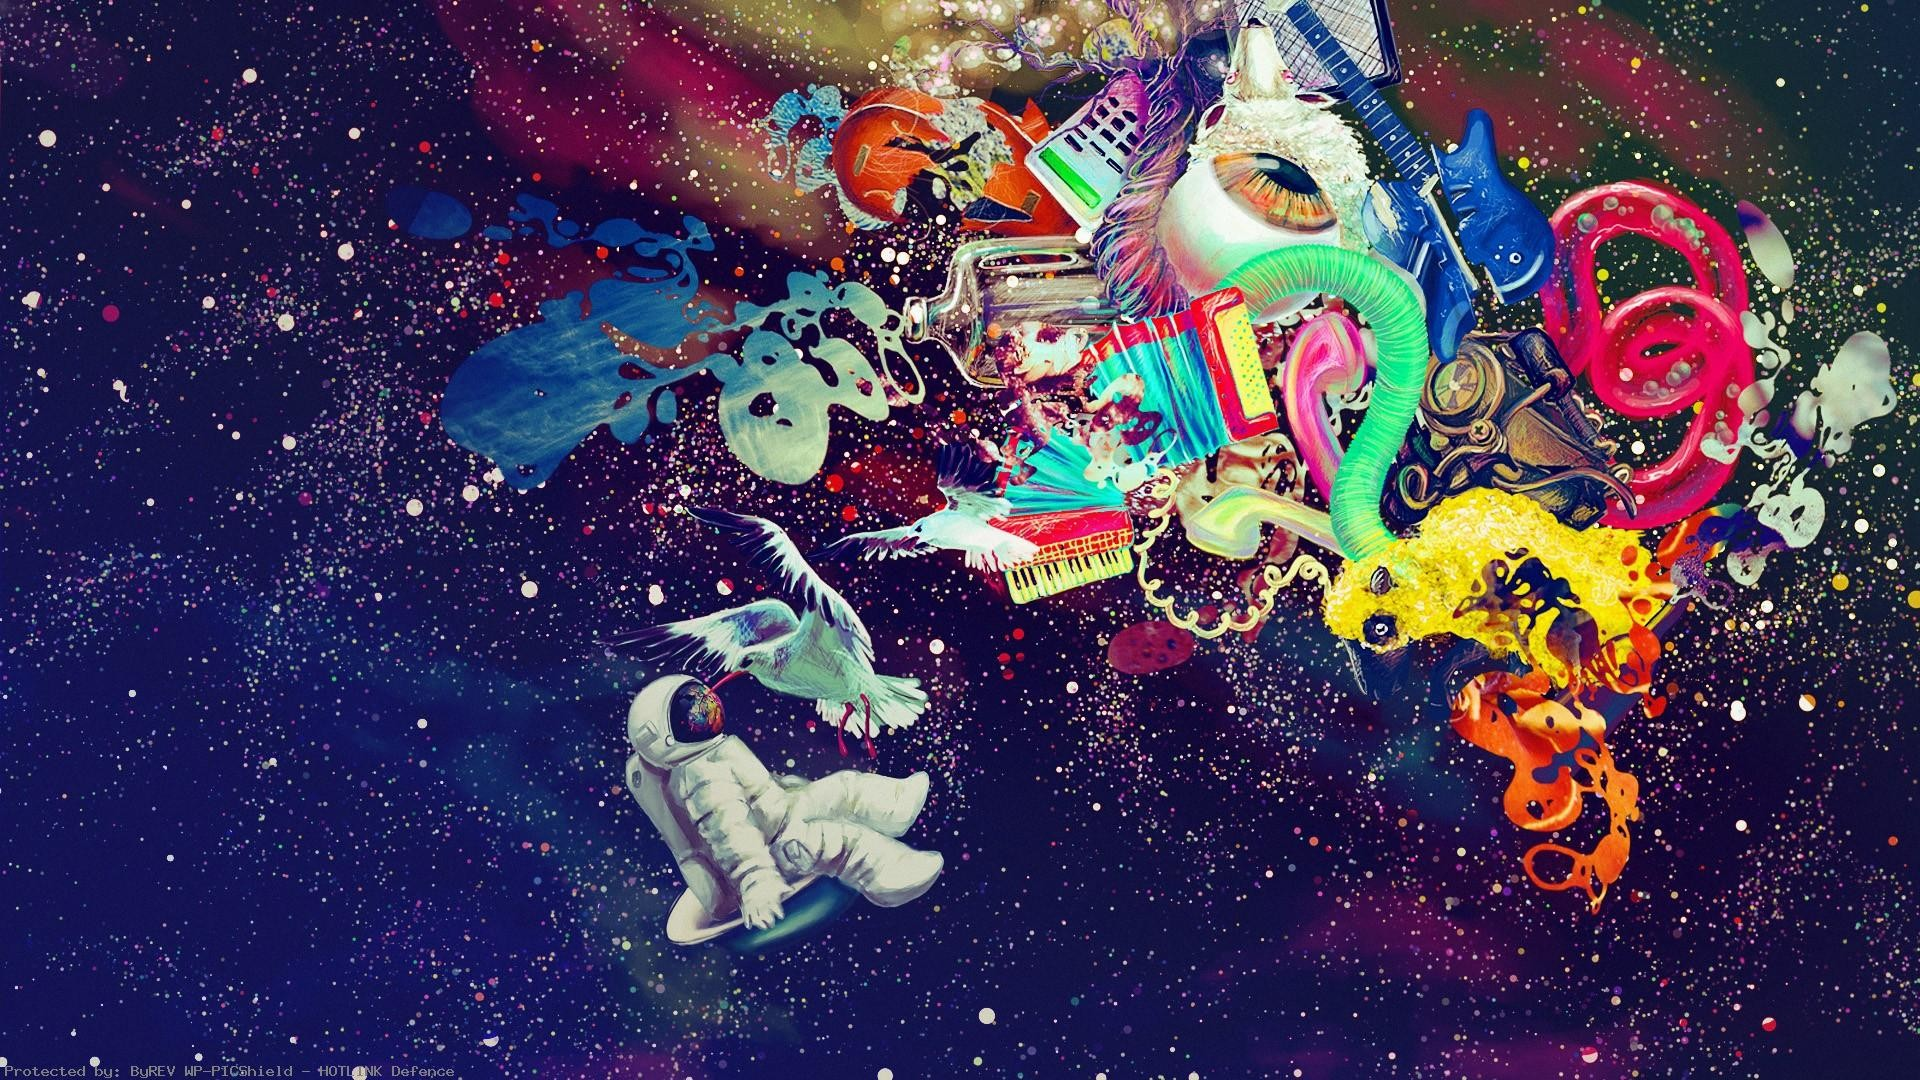 Psychedelic-Computer-Desktop-Backgrounds-x-wallpaper-wp3809571